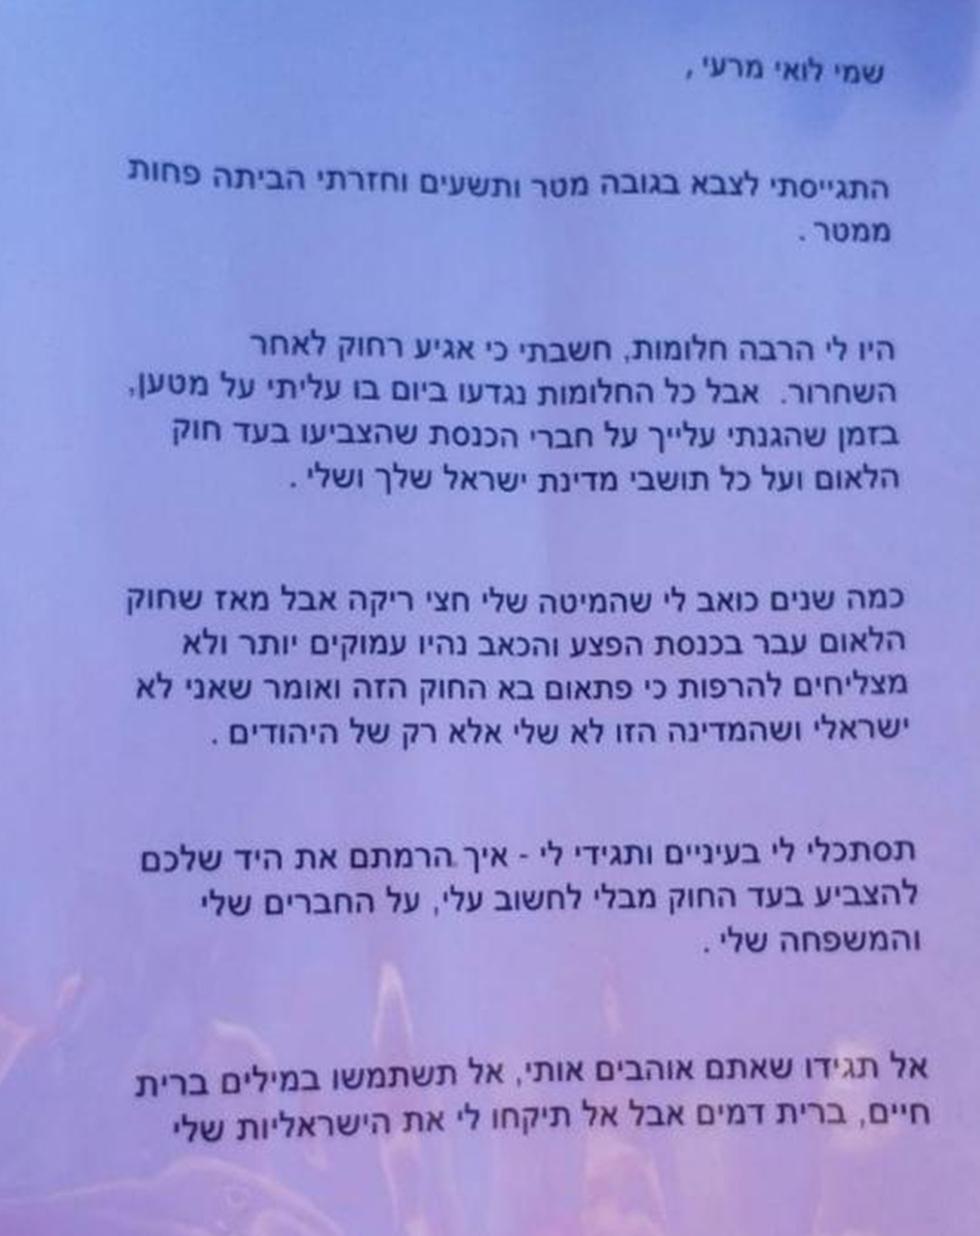 מכתב מחאת הדרוזים לאיילת שקד על חוק הלאום ()